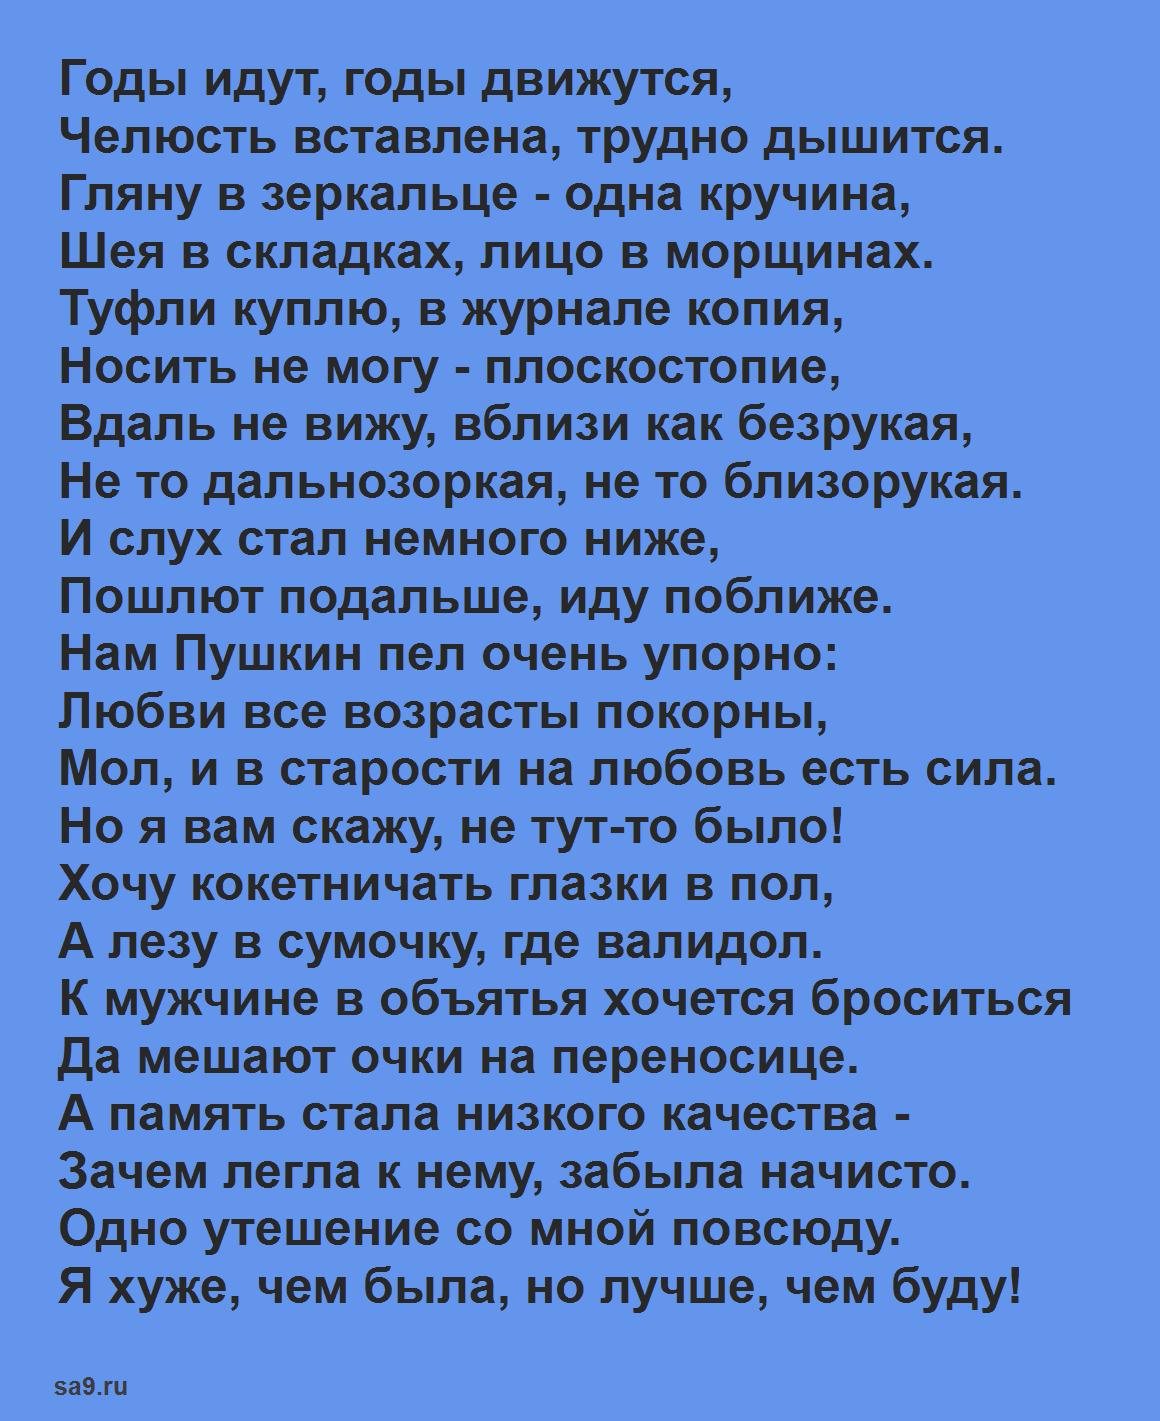 Стихи Рубальской - Женщины в соку